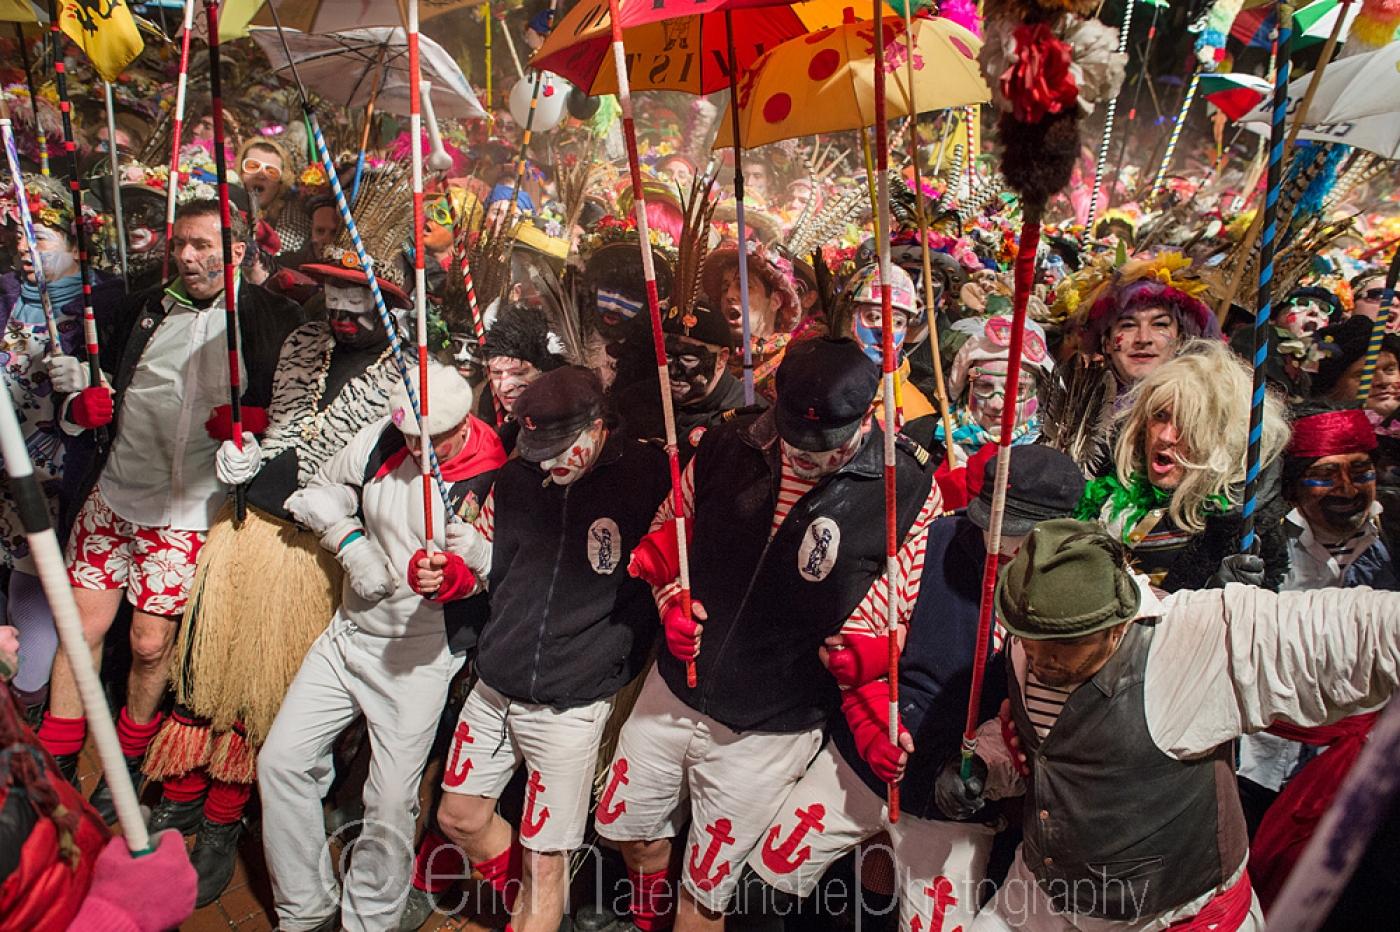 http://www.ericmalemanche.com/imagess/topics/carnaval-de-dunkerque/liste/Carnaval-Dunkerque-6519.jpg